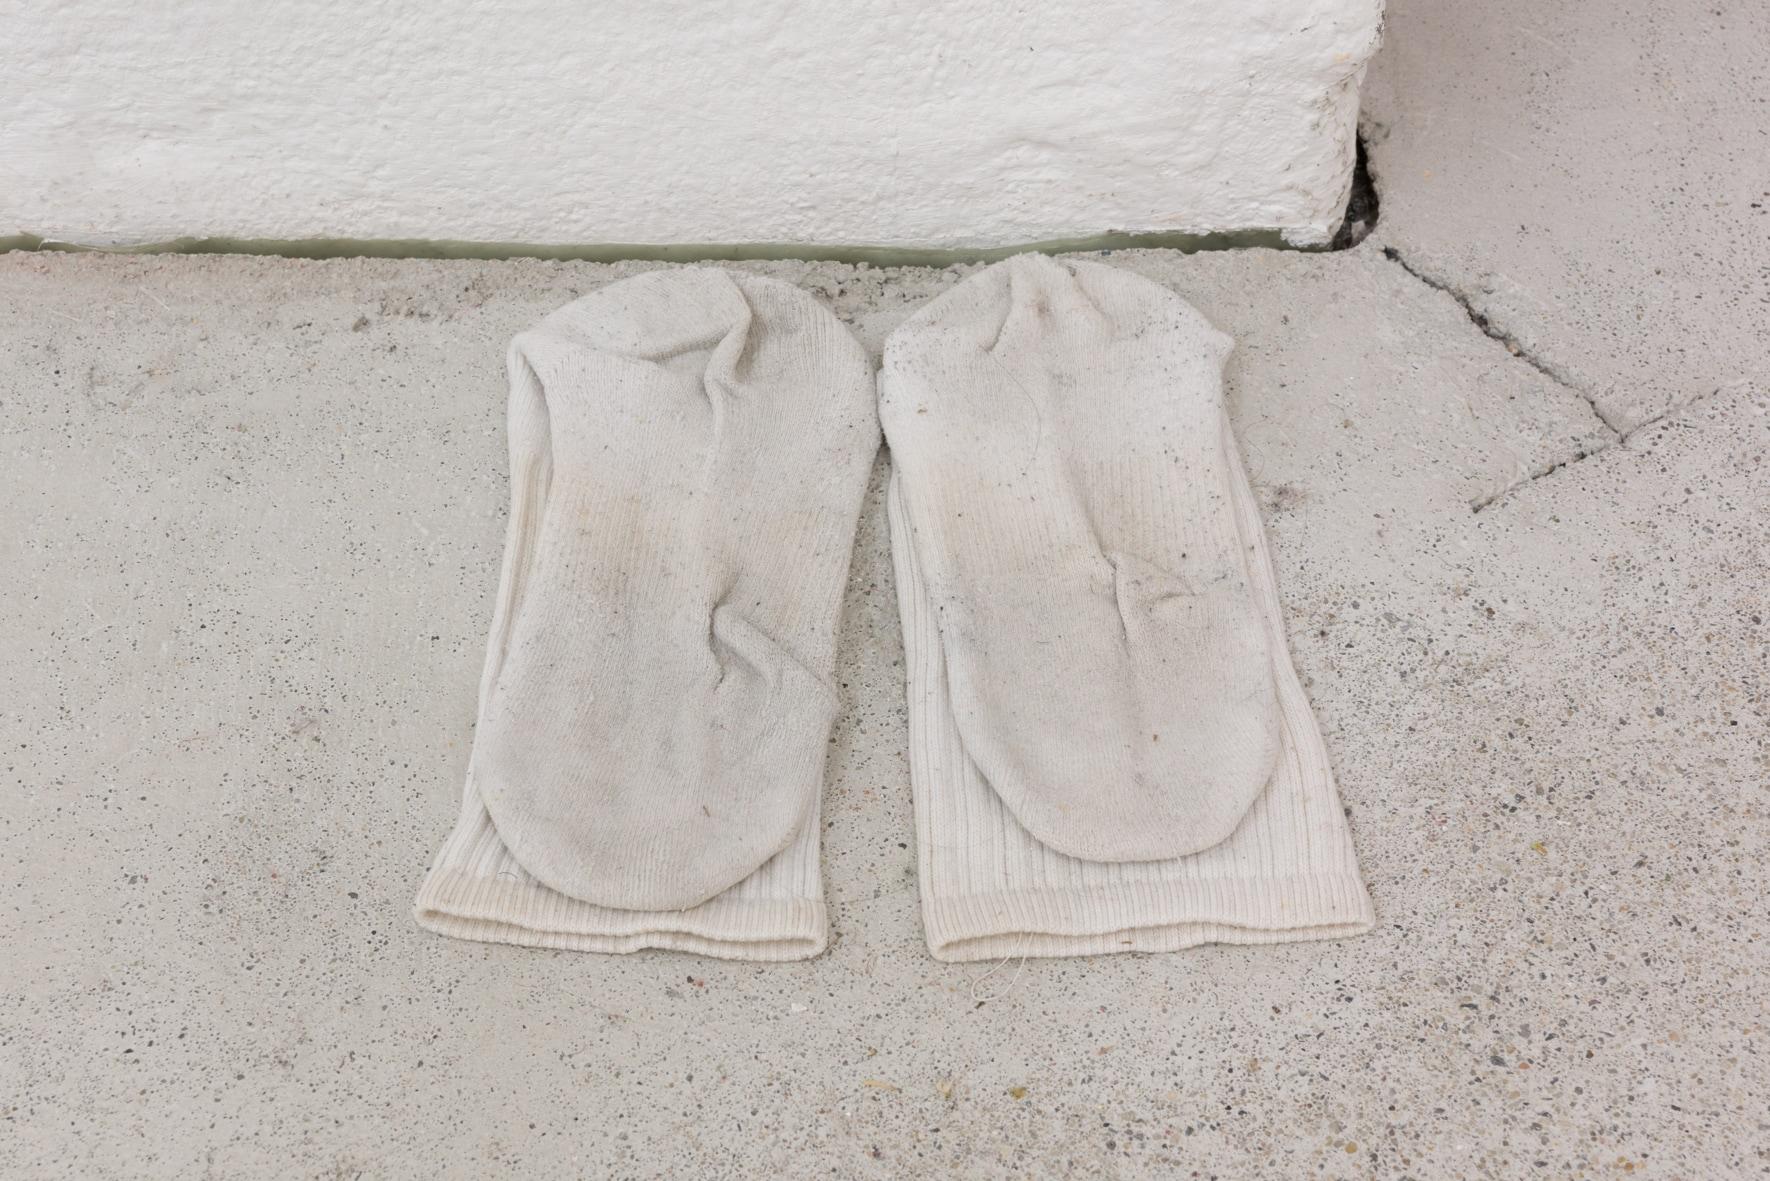 Yuu Takamizawa, My socks in Vienna, socks, 2019